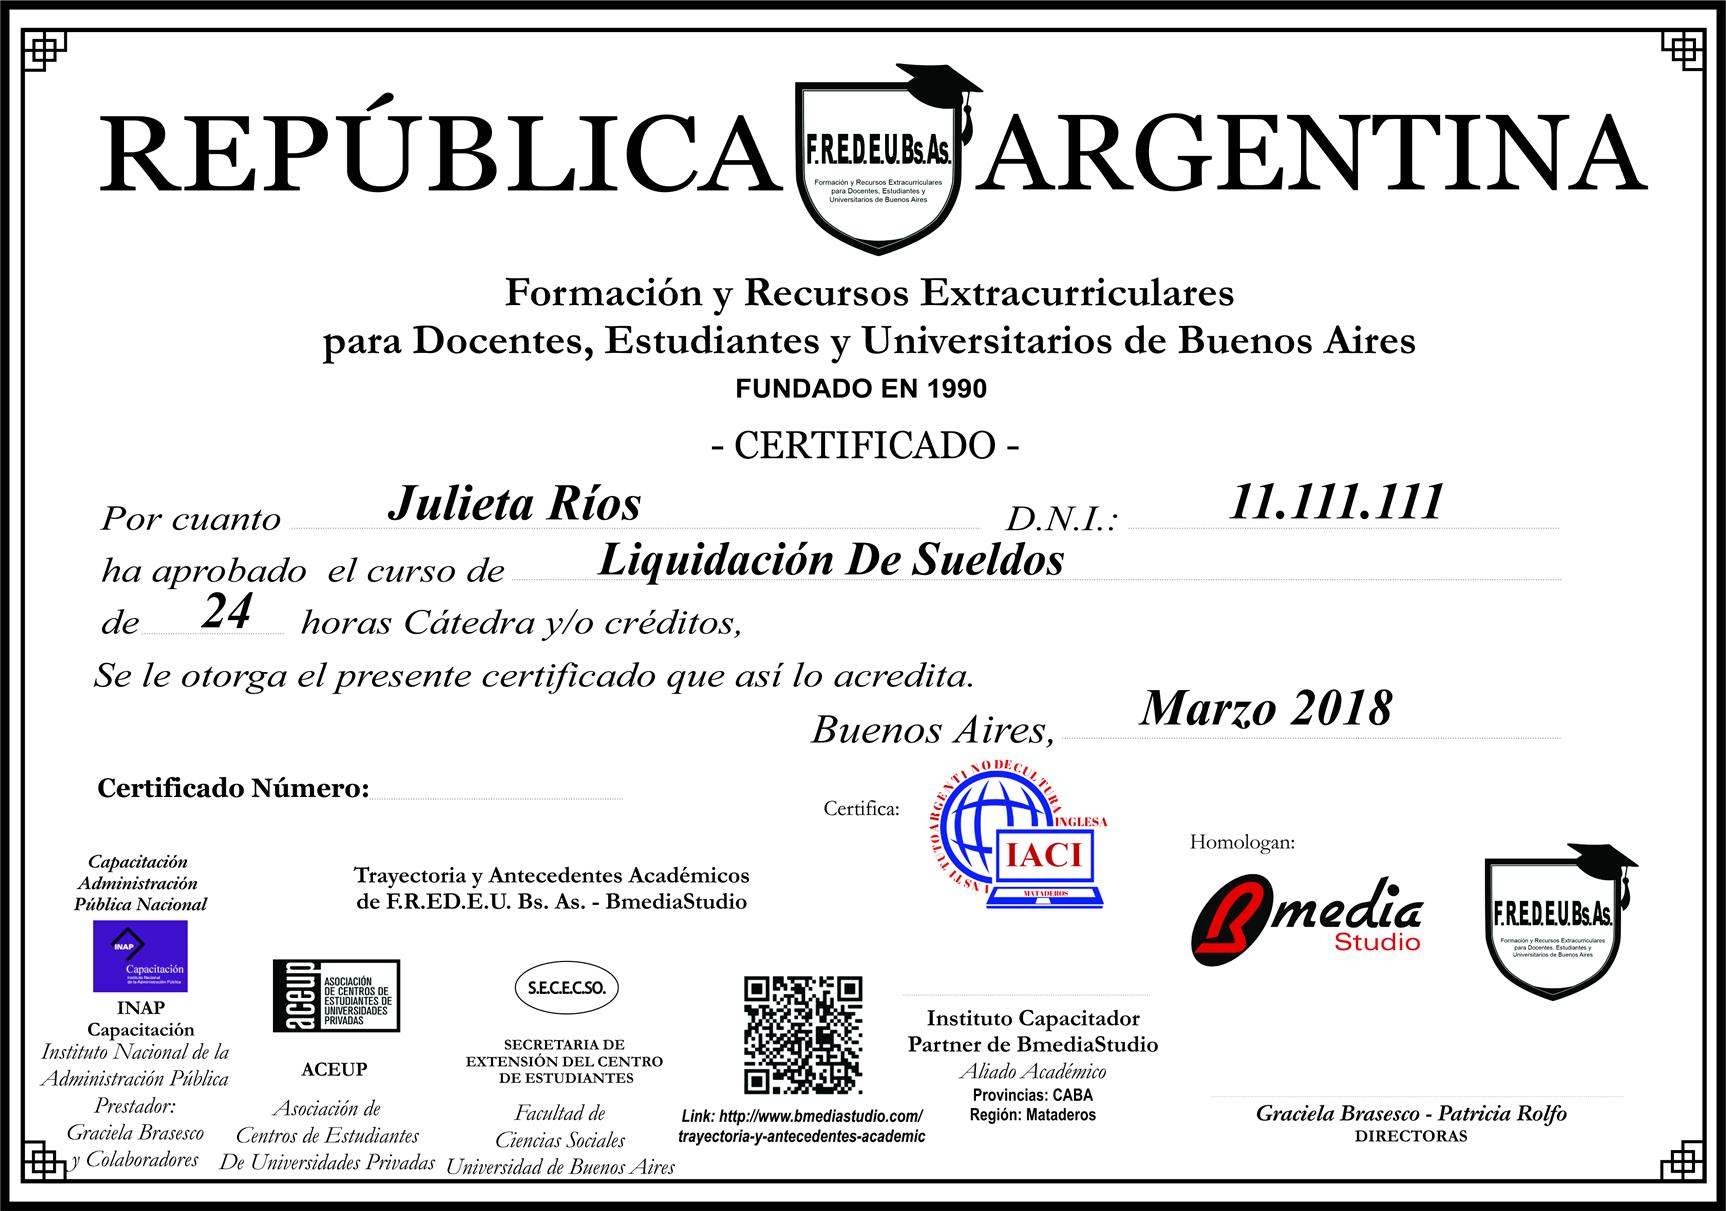 Curso Cajero Bancario Y Asist En Administracion Bancaria Iaci Mataderos Instituto Argentino De Cultura Inglesa